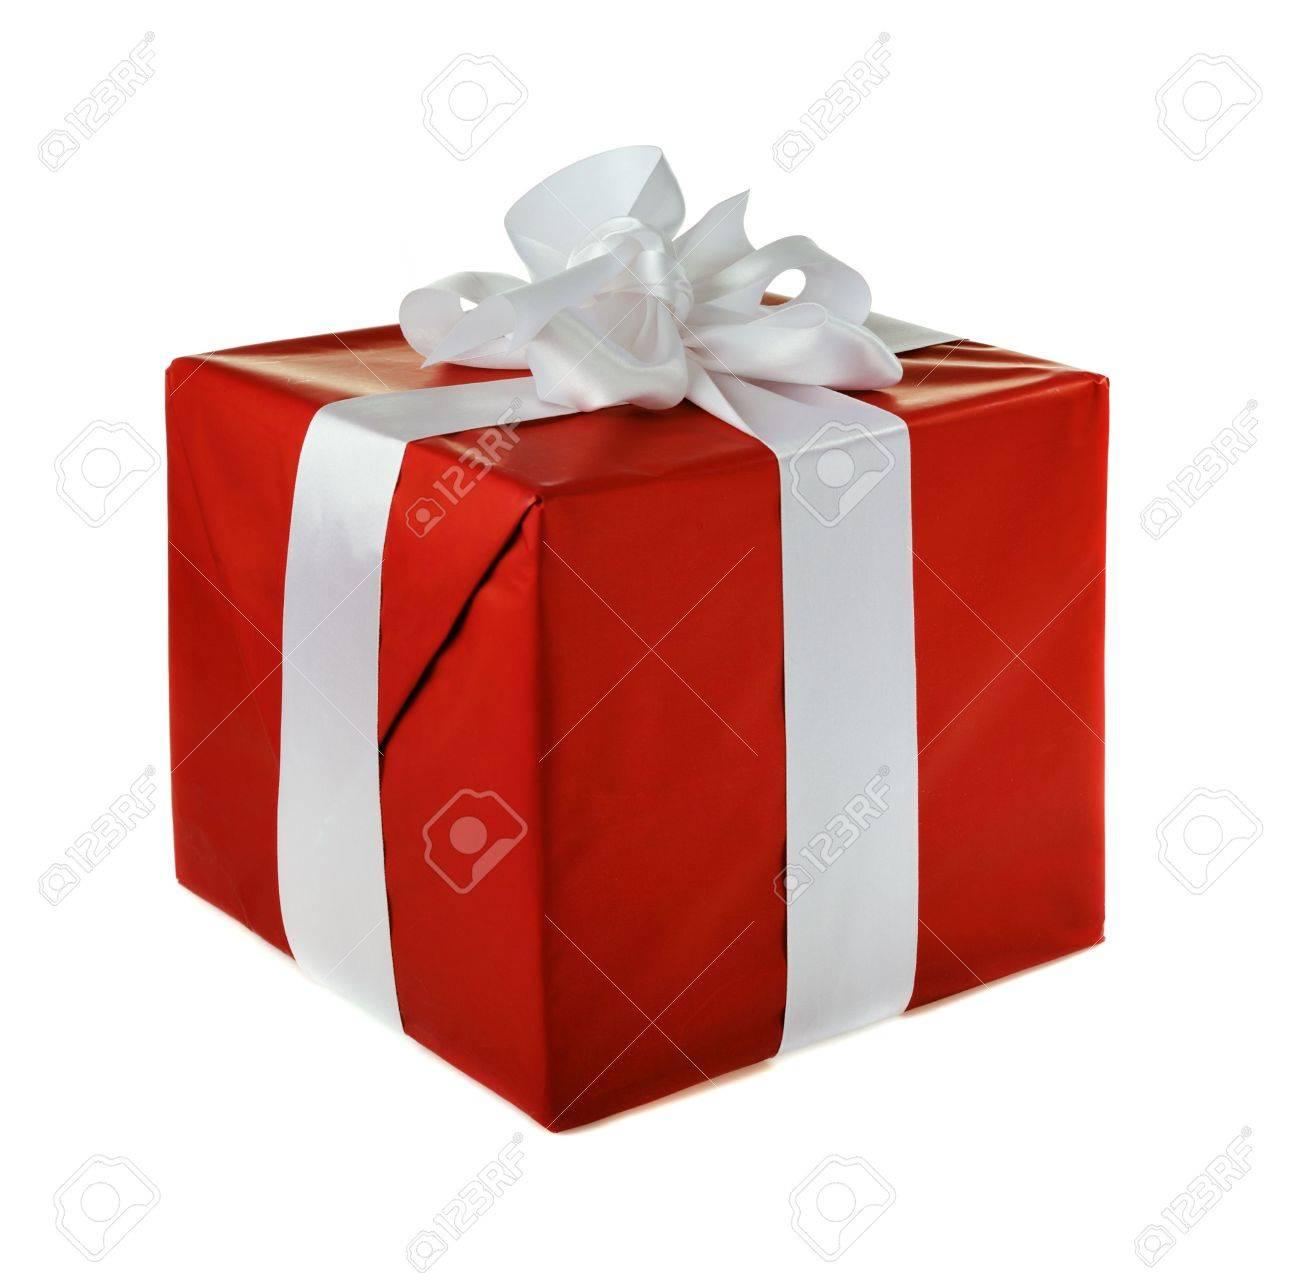 Kerst Cadeau Rood Met Witte Satijnen Strikje Geïsoleerd Op Witte Achtergrond